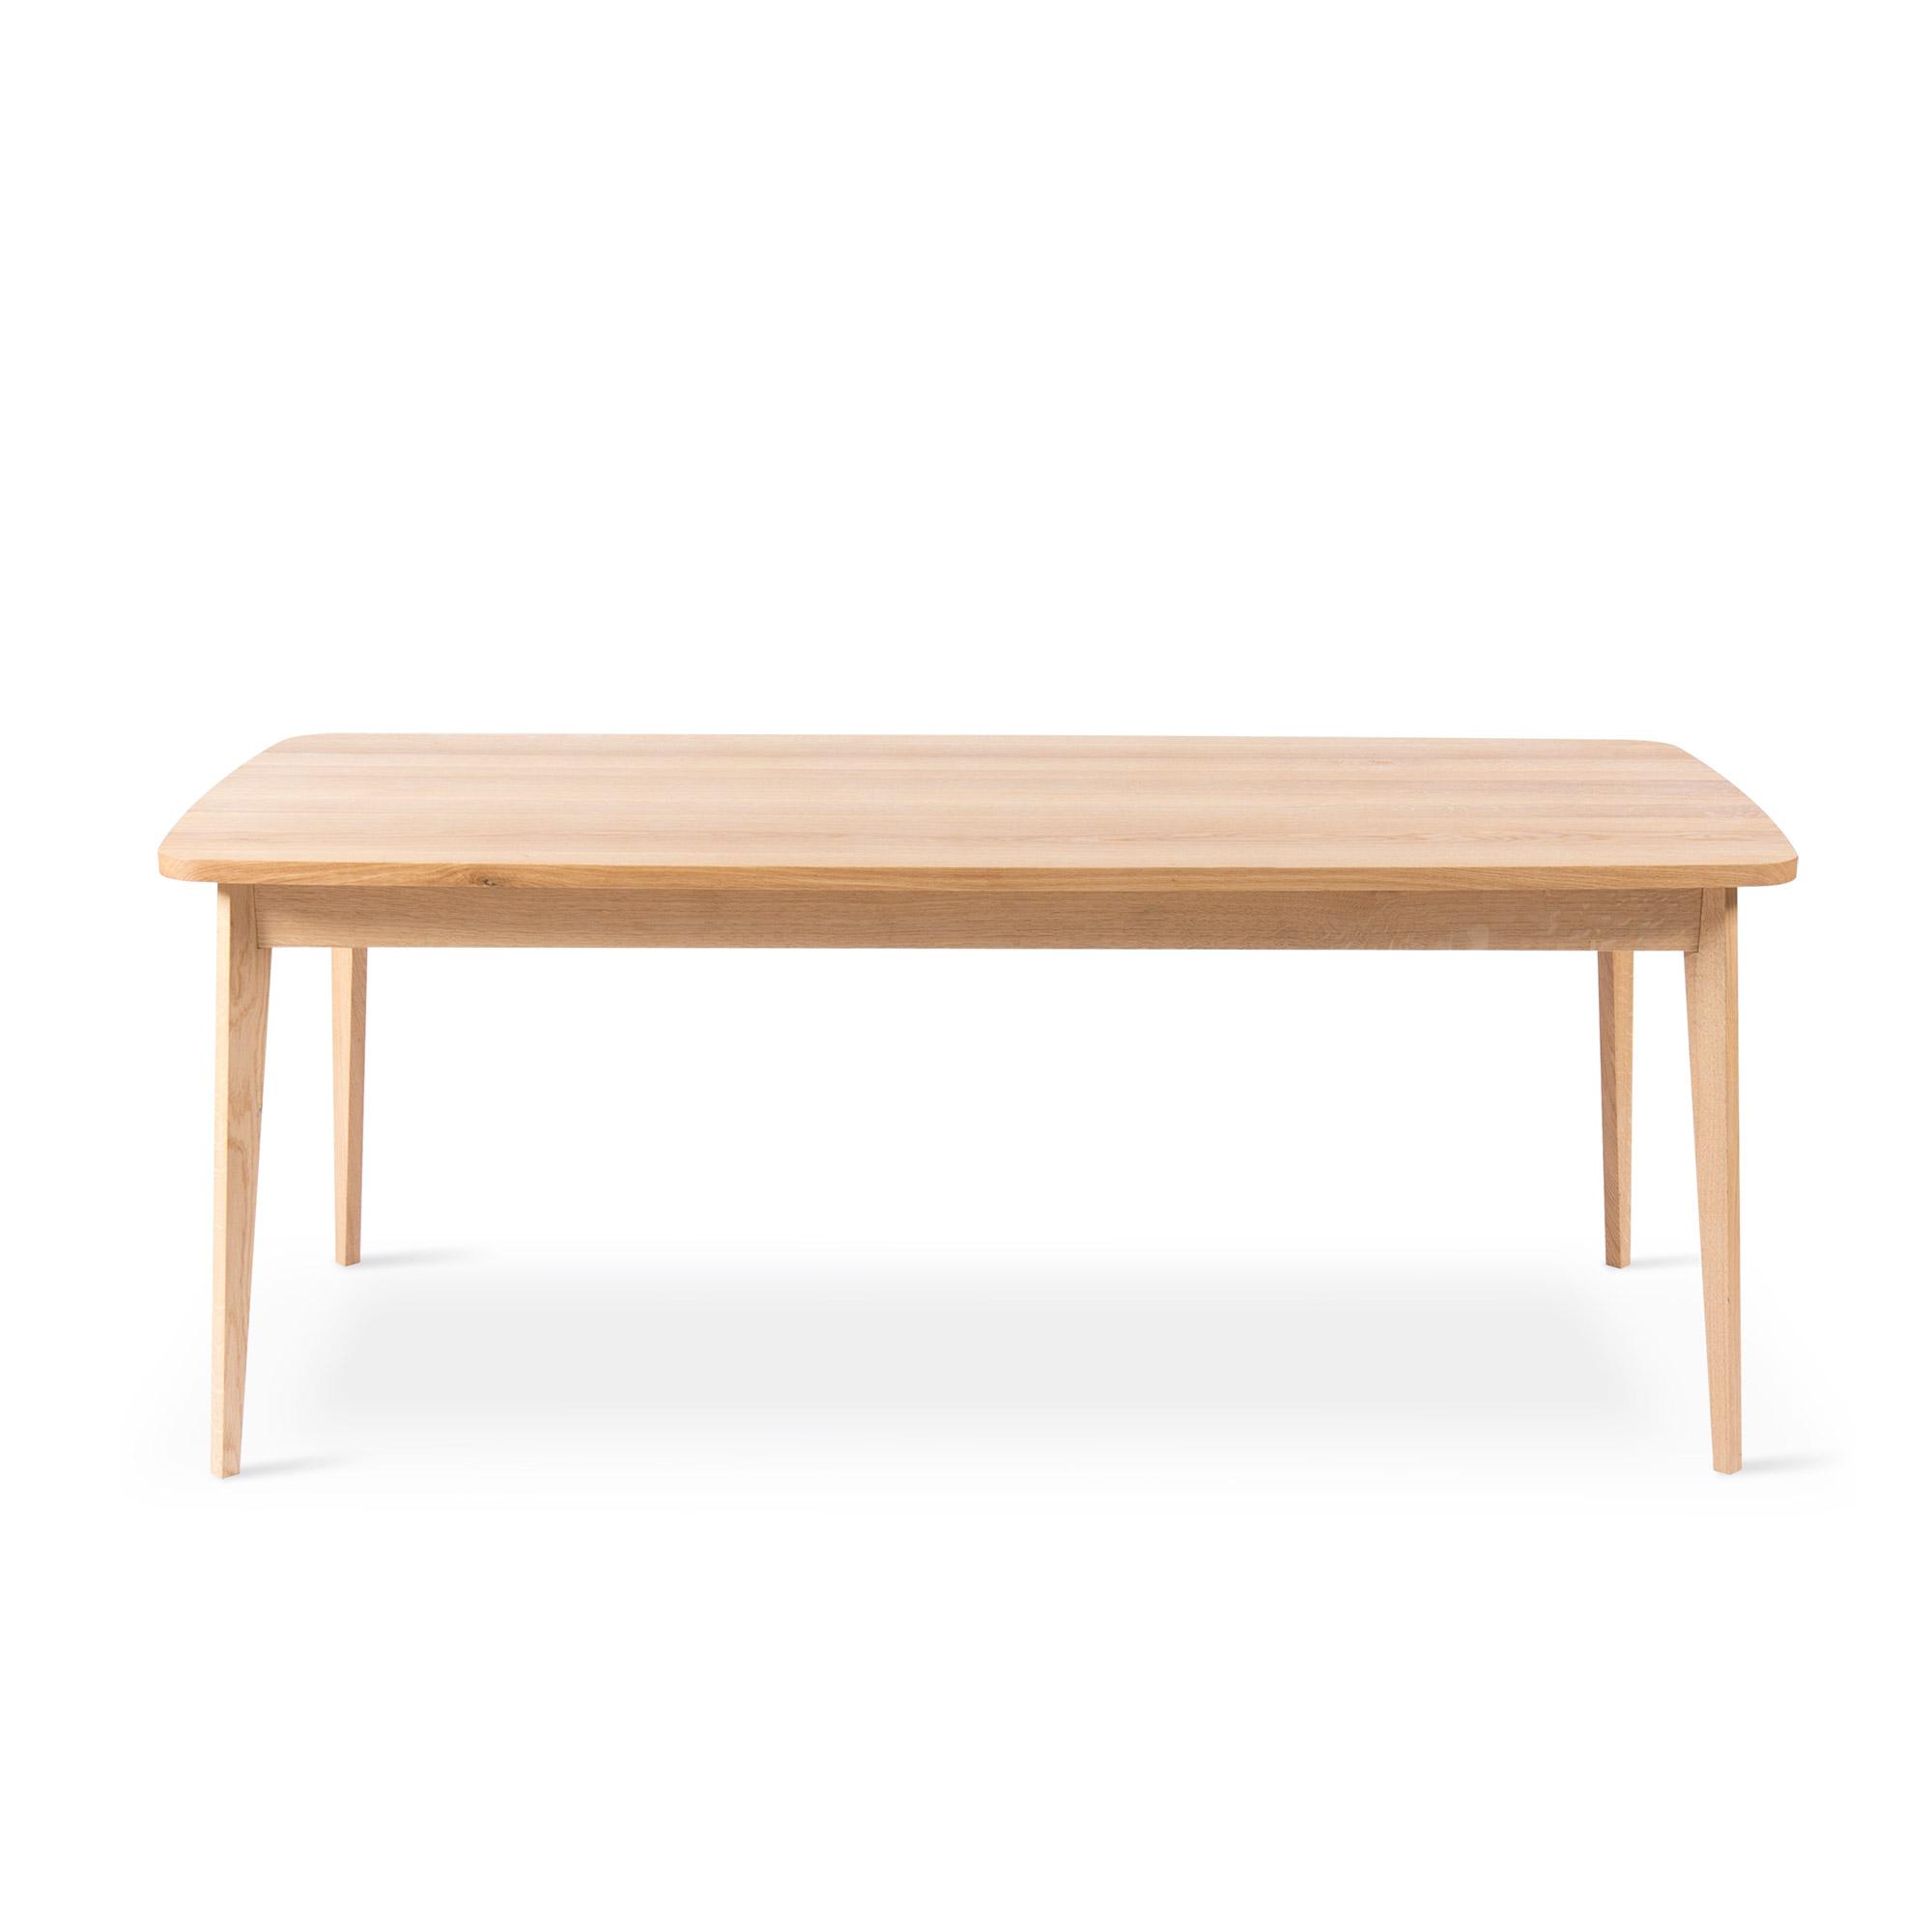 Usus Tisch aus nachhaltig produzierter Eiche